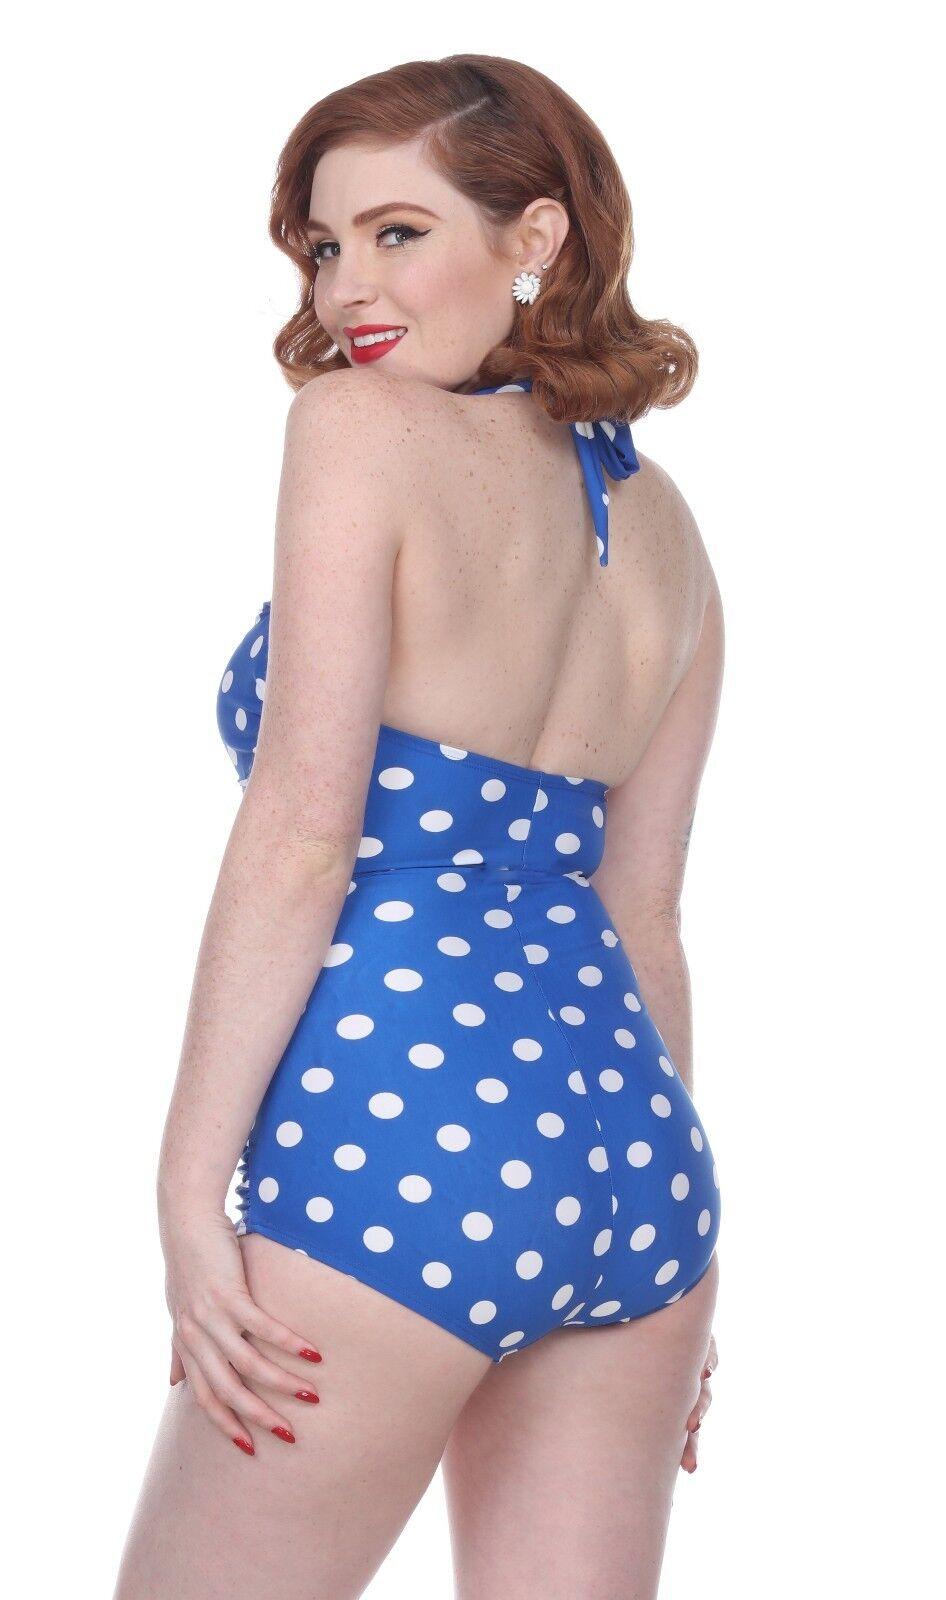 Esther Williams Williams Williams Classico Guaina Blu a Pois Pinup Costume Intero E11006 aa0307